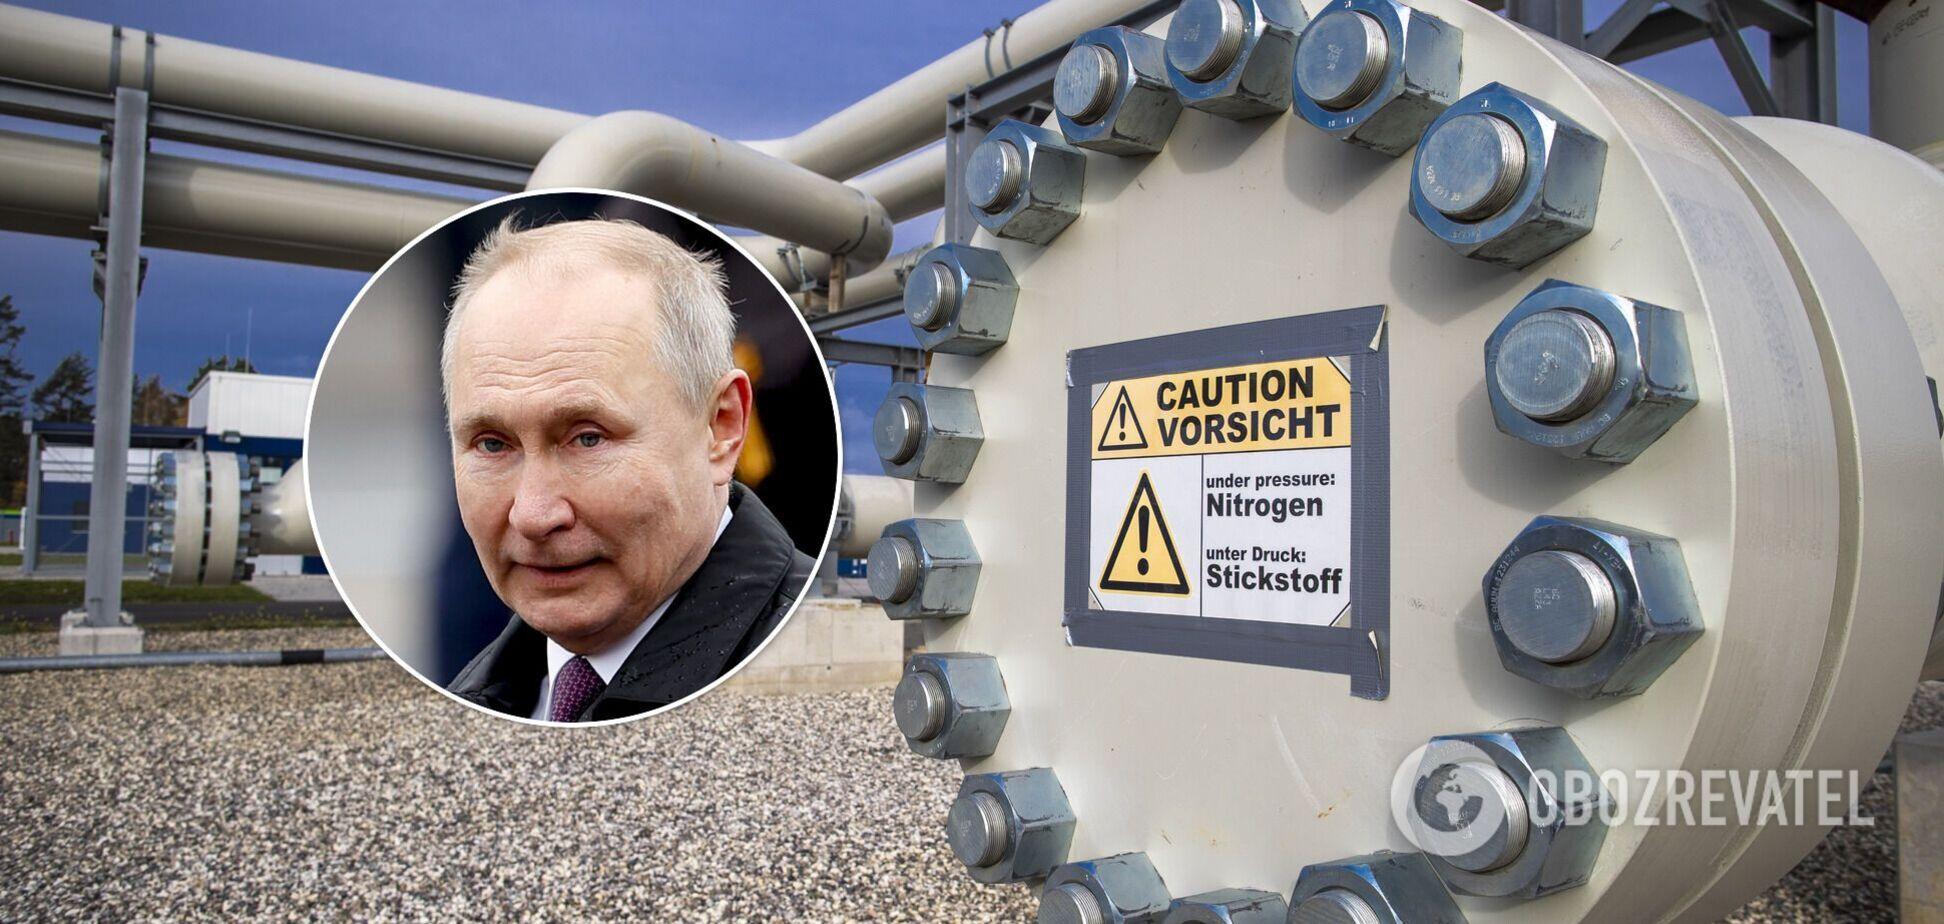 Для Путіна ГТС – підстраховка, з 'Газпромом' не слід торгуватися, – Рябцев